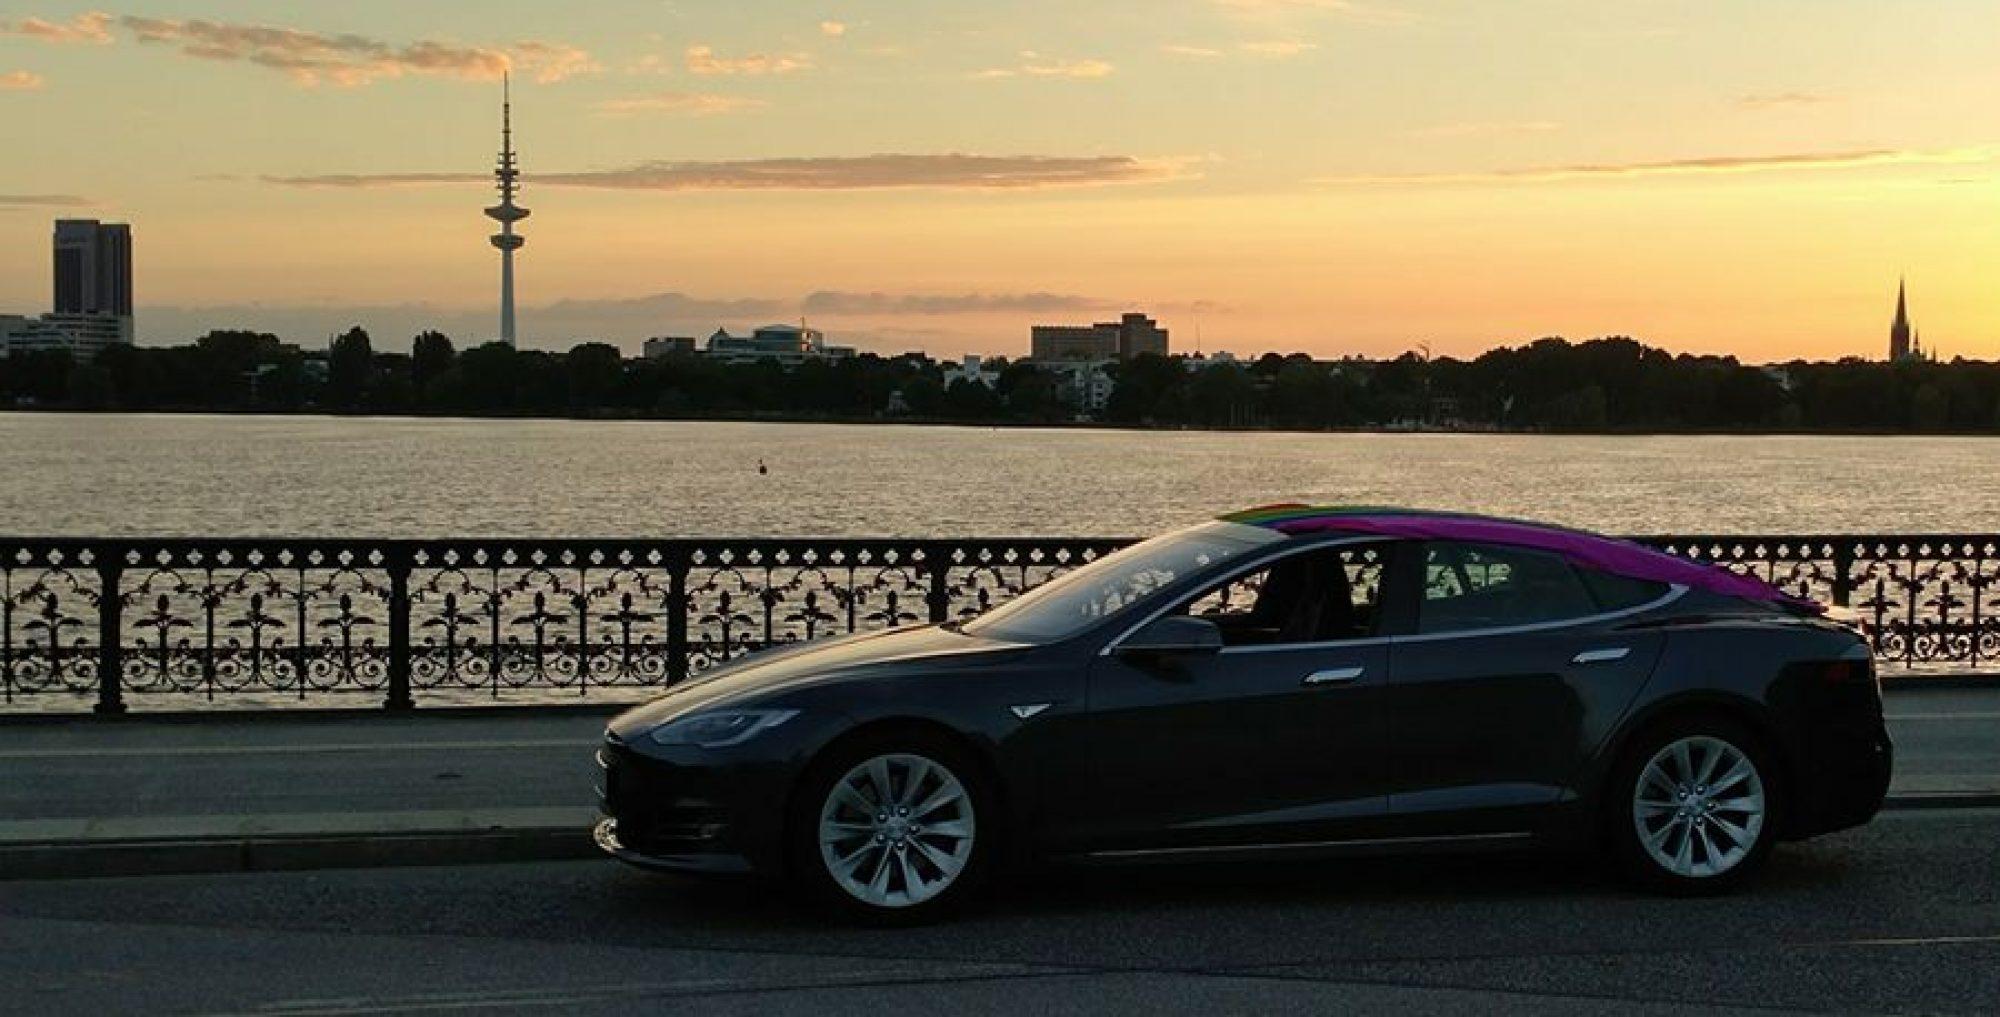 EV4RENT - Elektroautos einfach in Hamburg mieten.